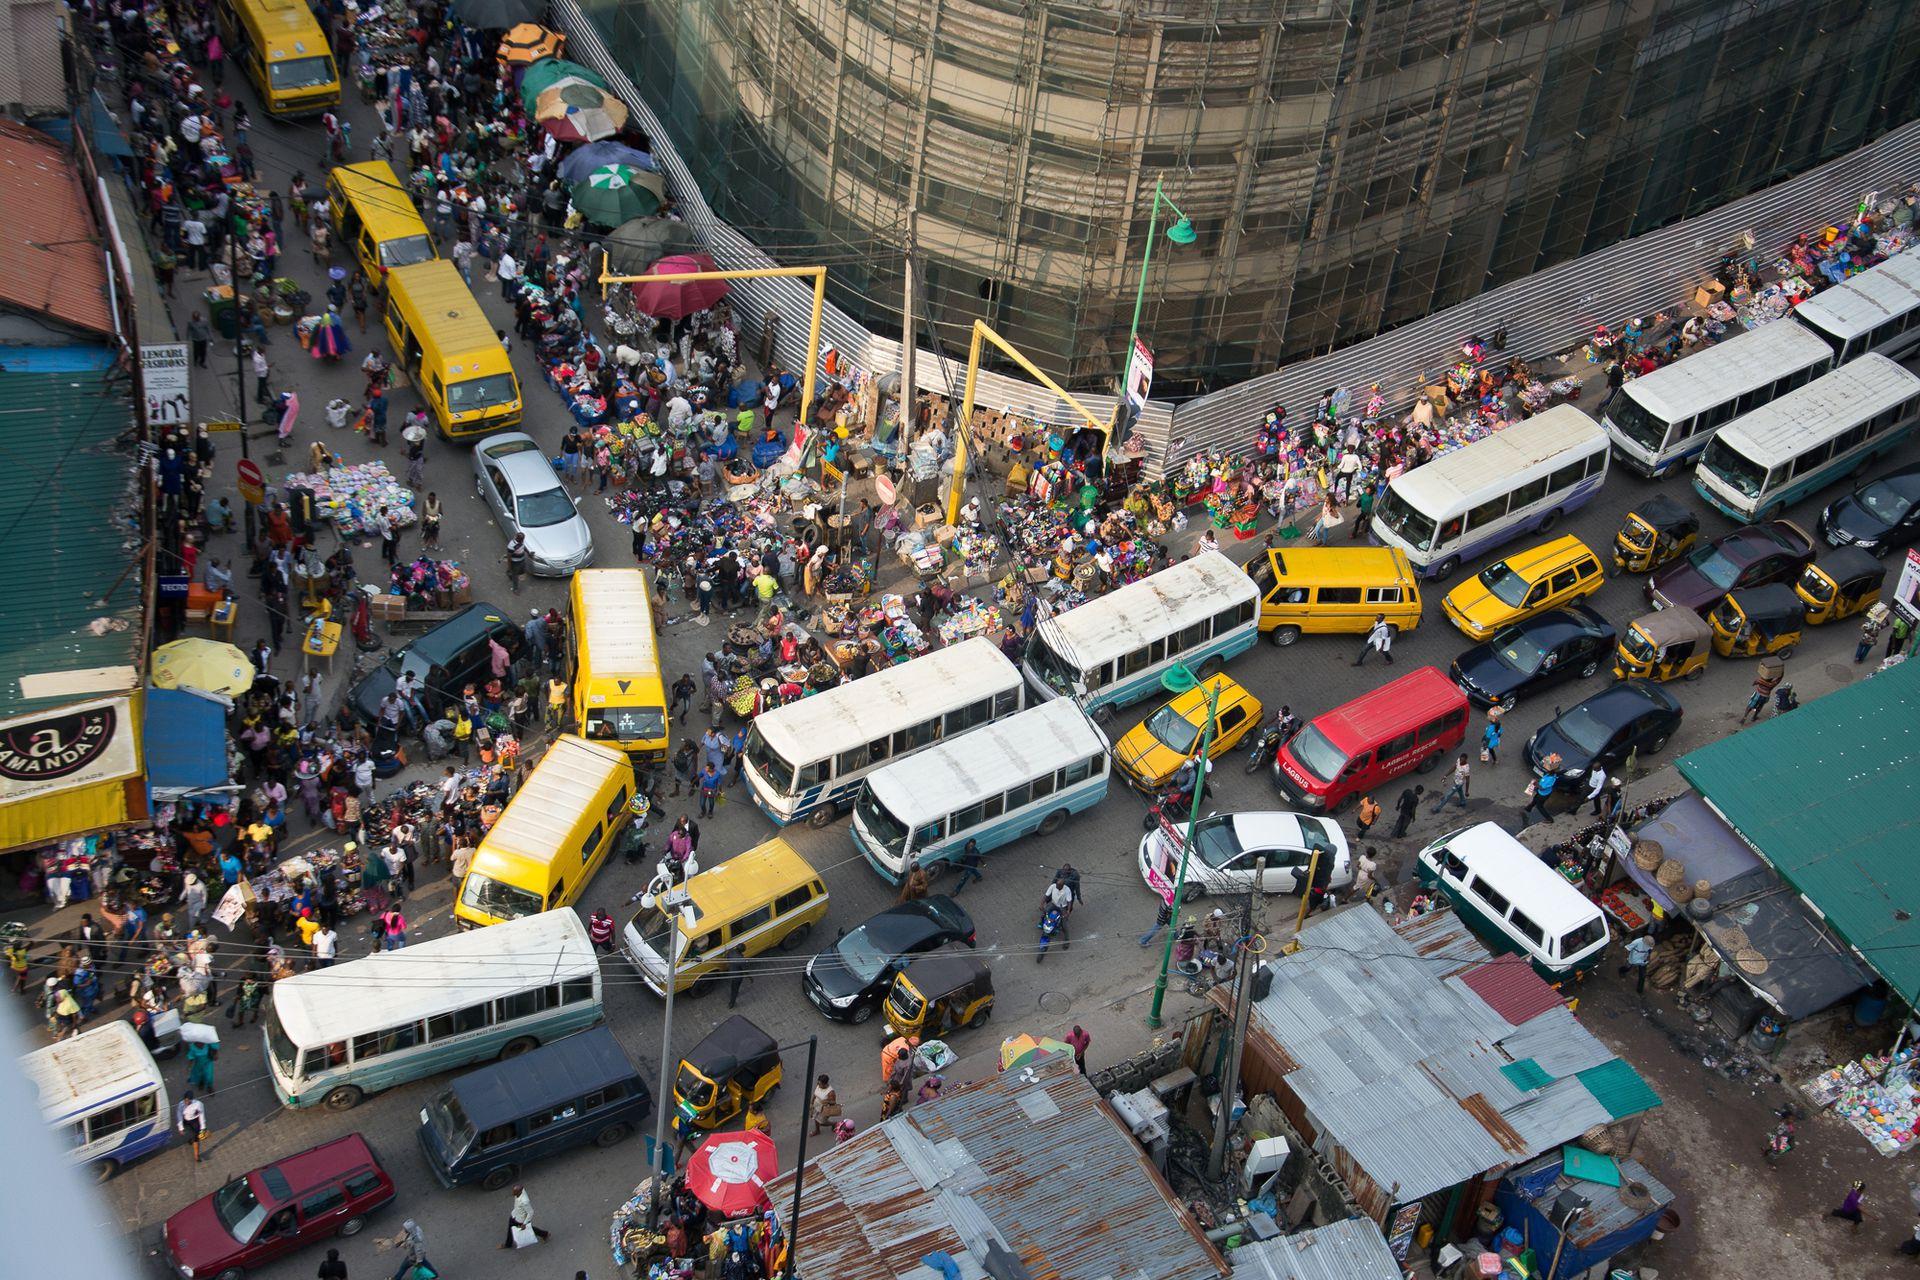 Caos en las calles de Abuja, capital de Nigeria